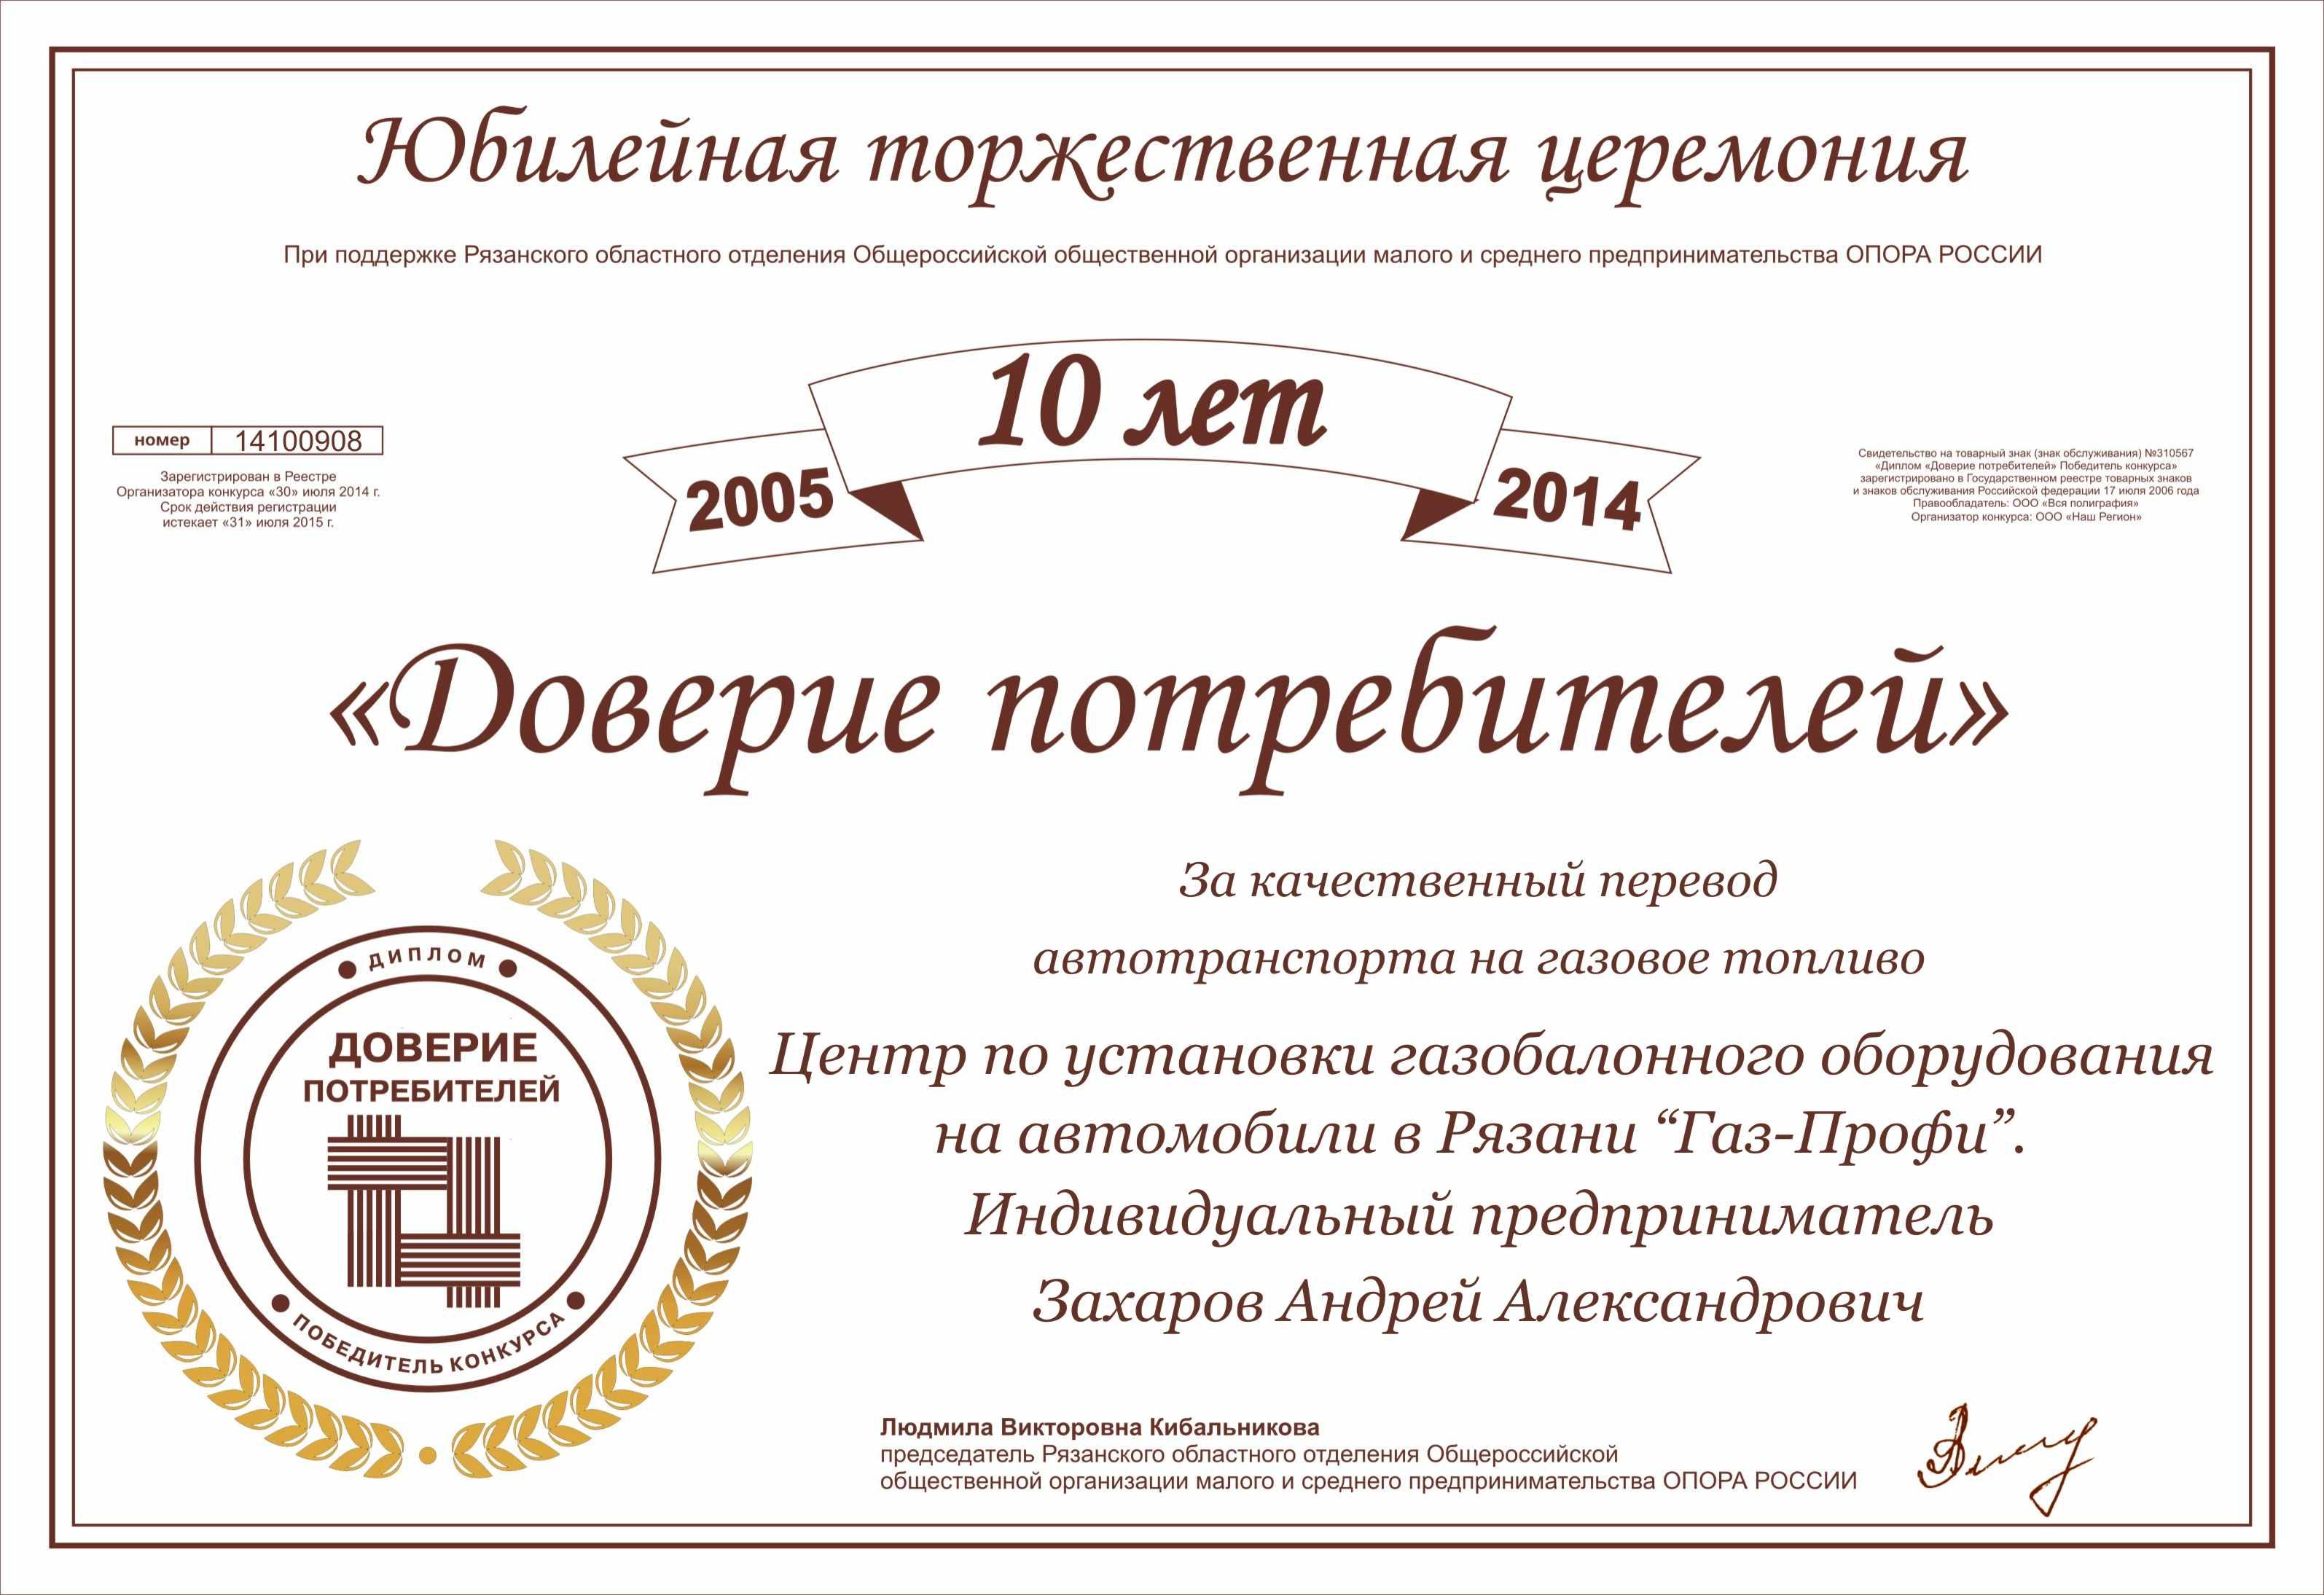 Дипломом «Доверие потребителей» награжден центр по установке газобаллонного оборудования на автомобили в   Рязани «Газ-Профи»